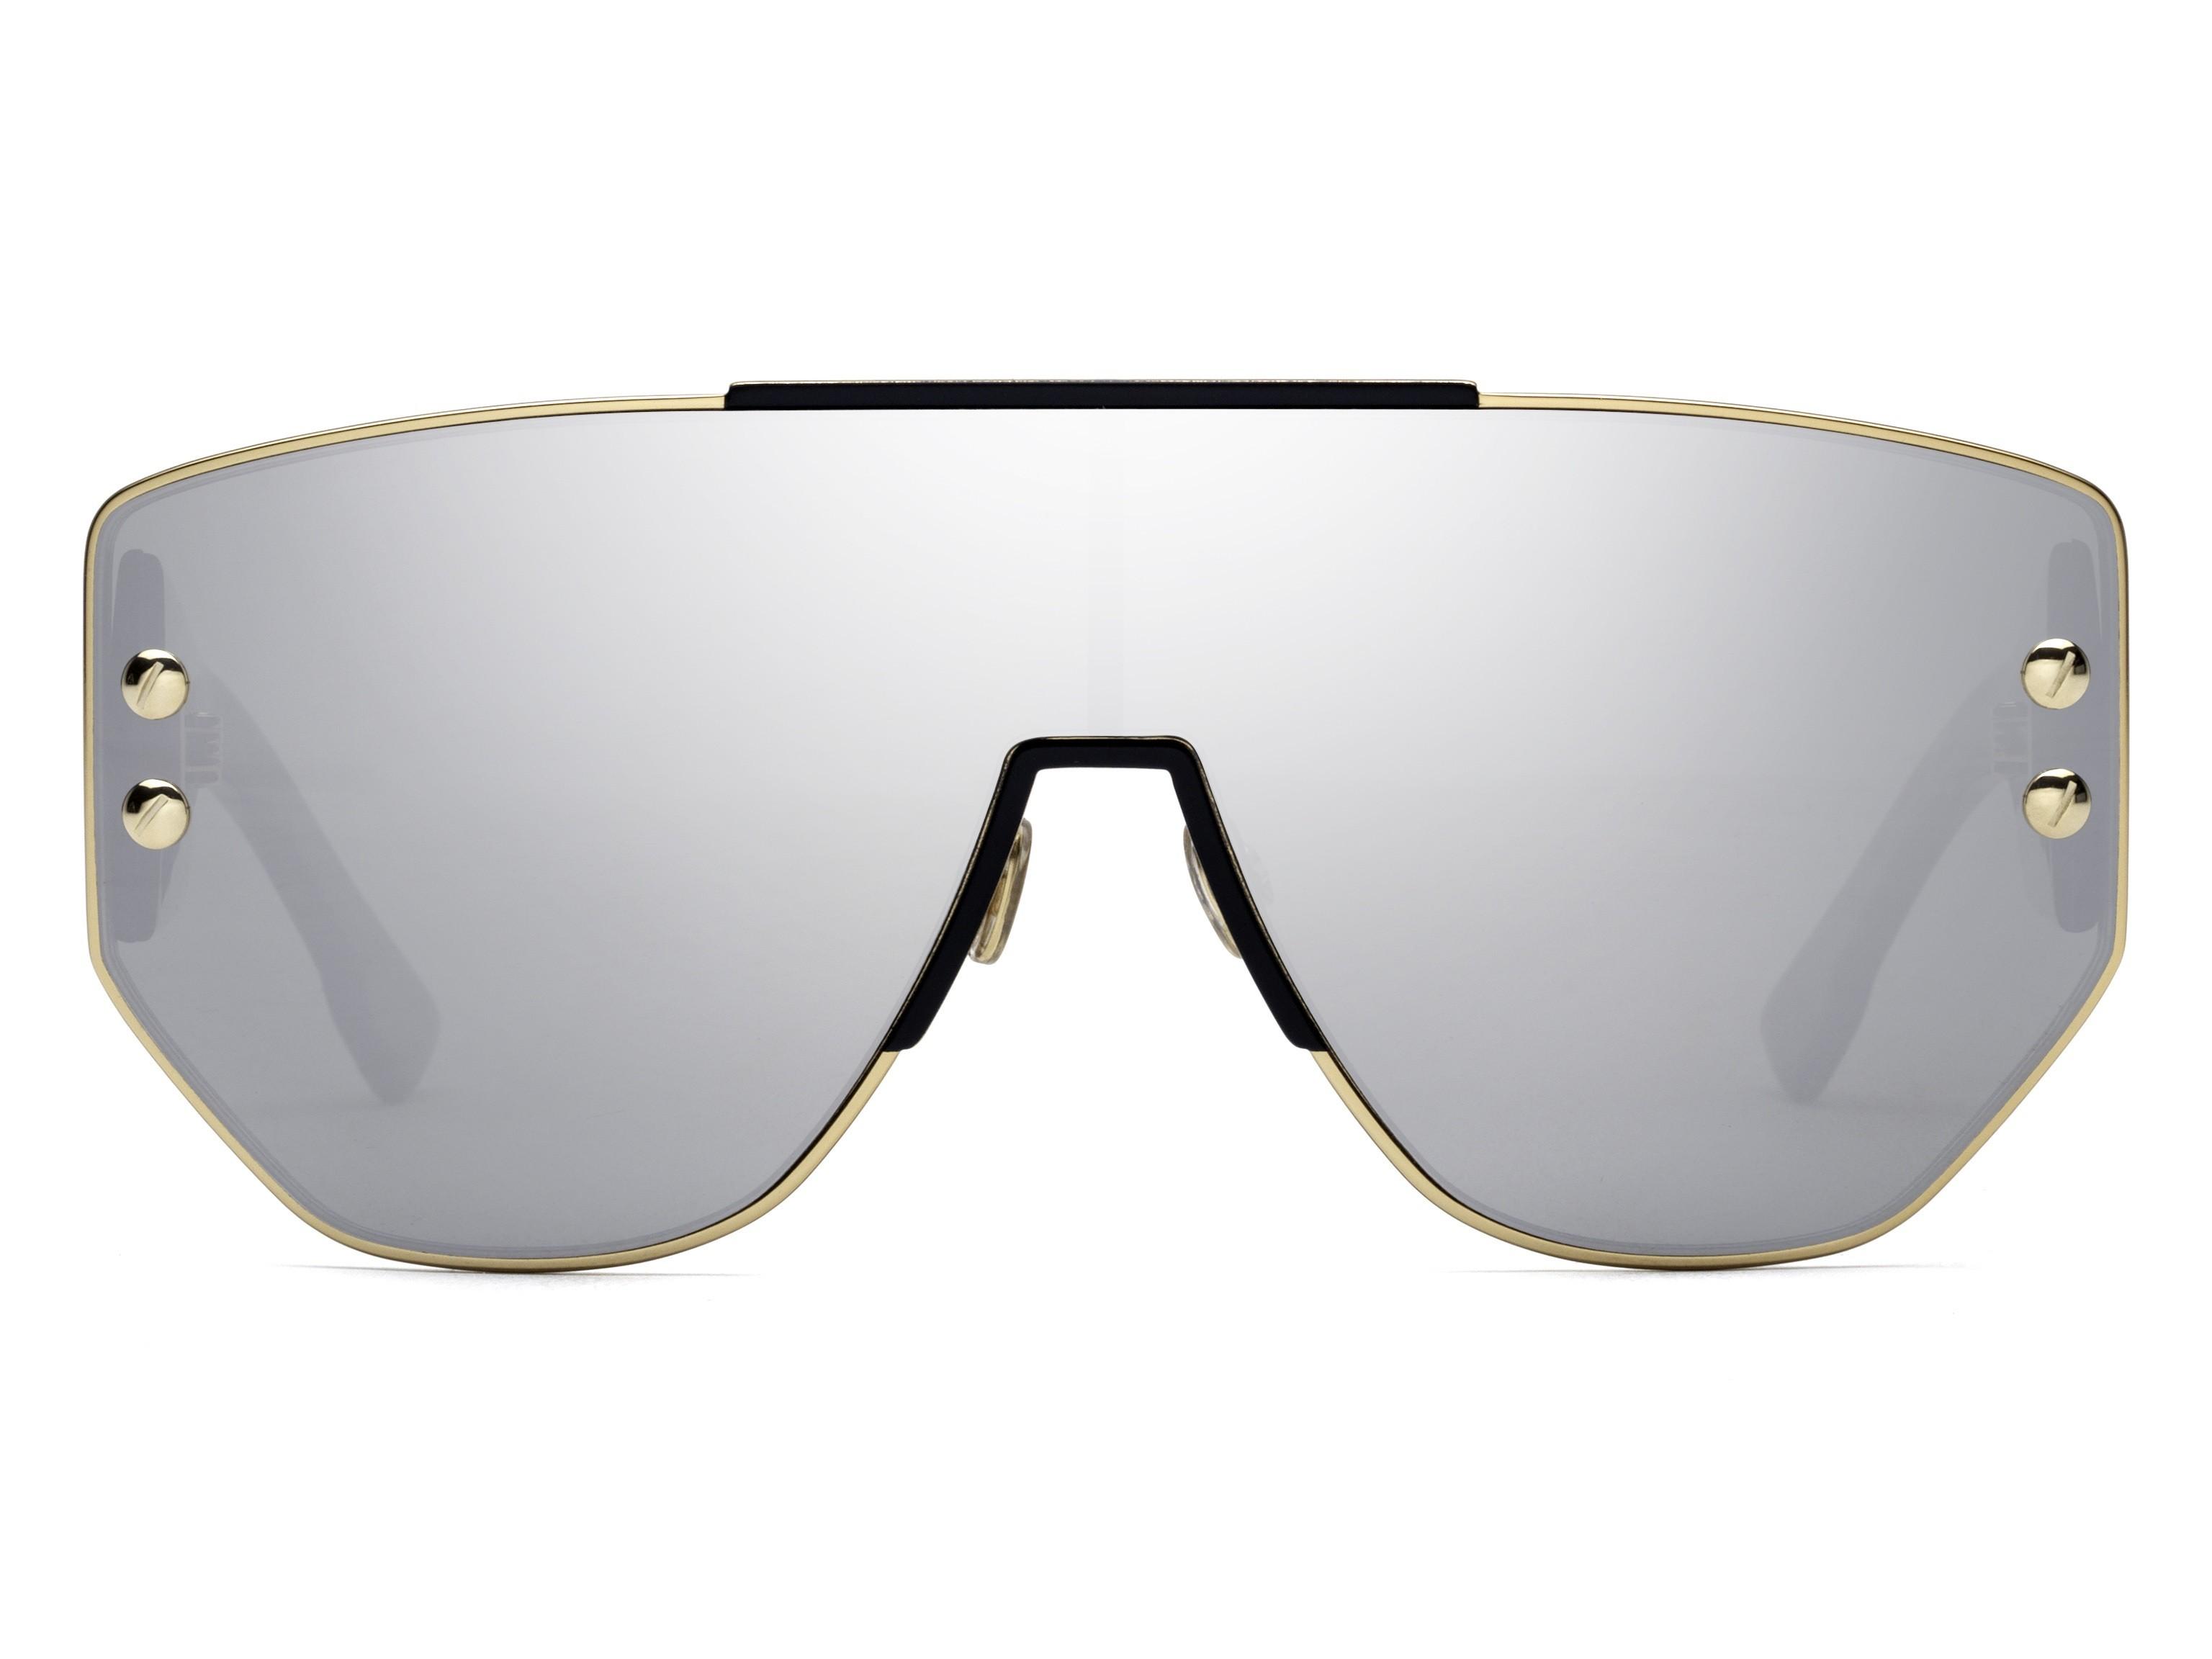 a52ec7dc3a854 Oculos e oculos de sol Christian Dior O charme e a elegância sao garantidos  atraves do uso de cores unicas e combinacoes de tons e modelos como Dior  Addict1 ...